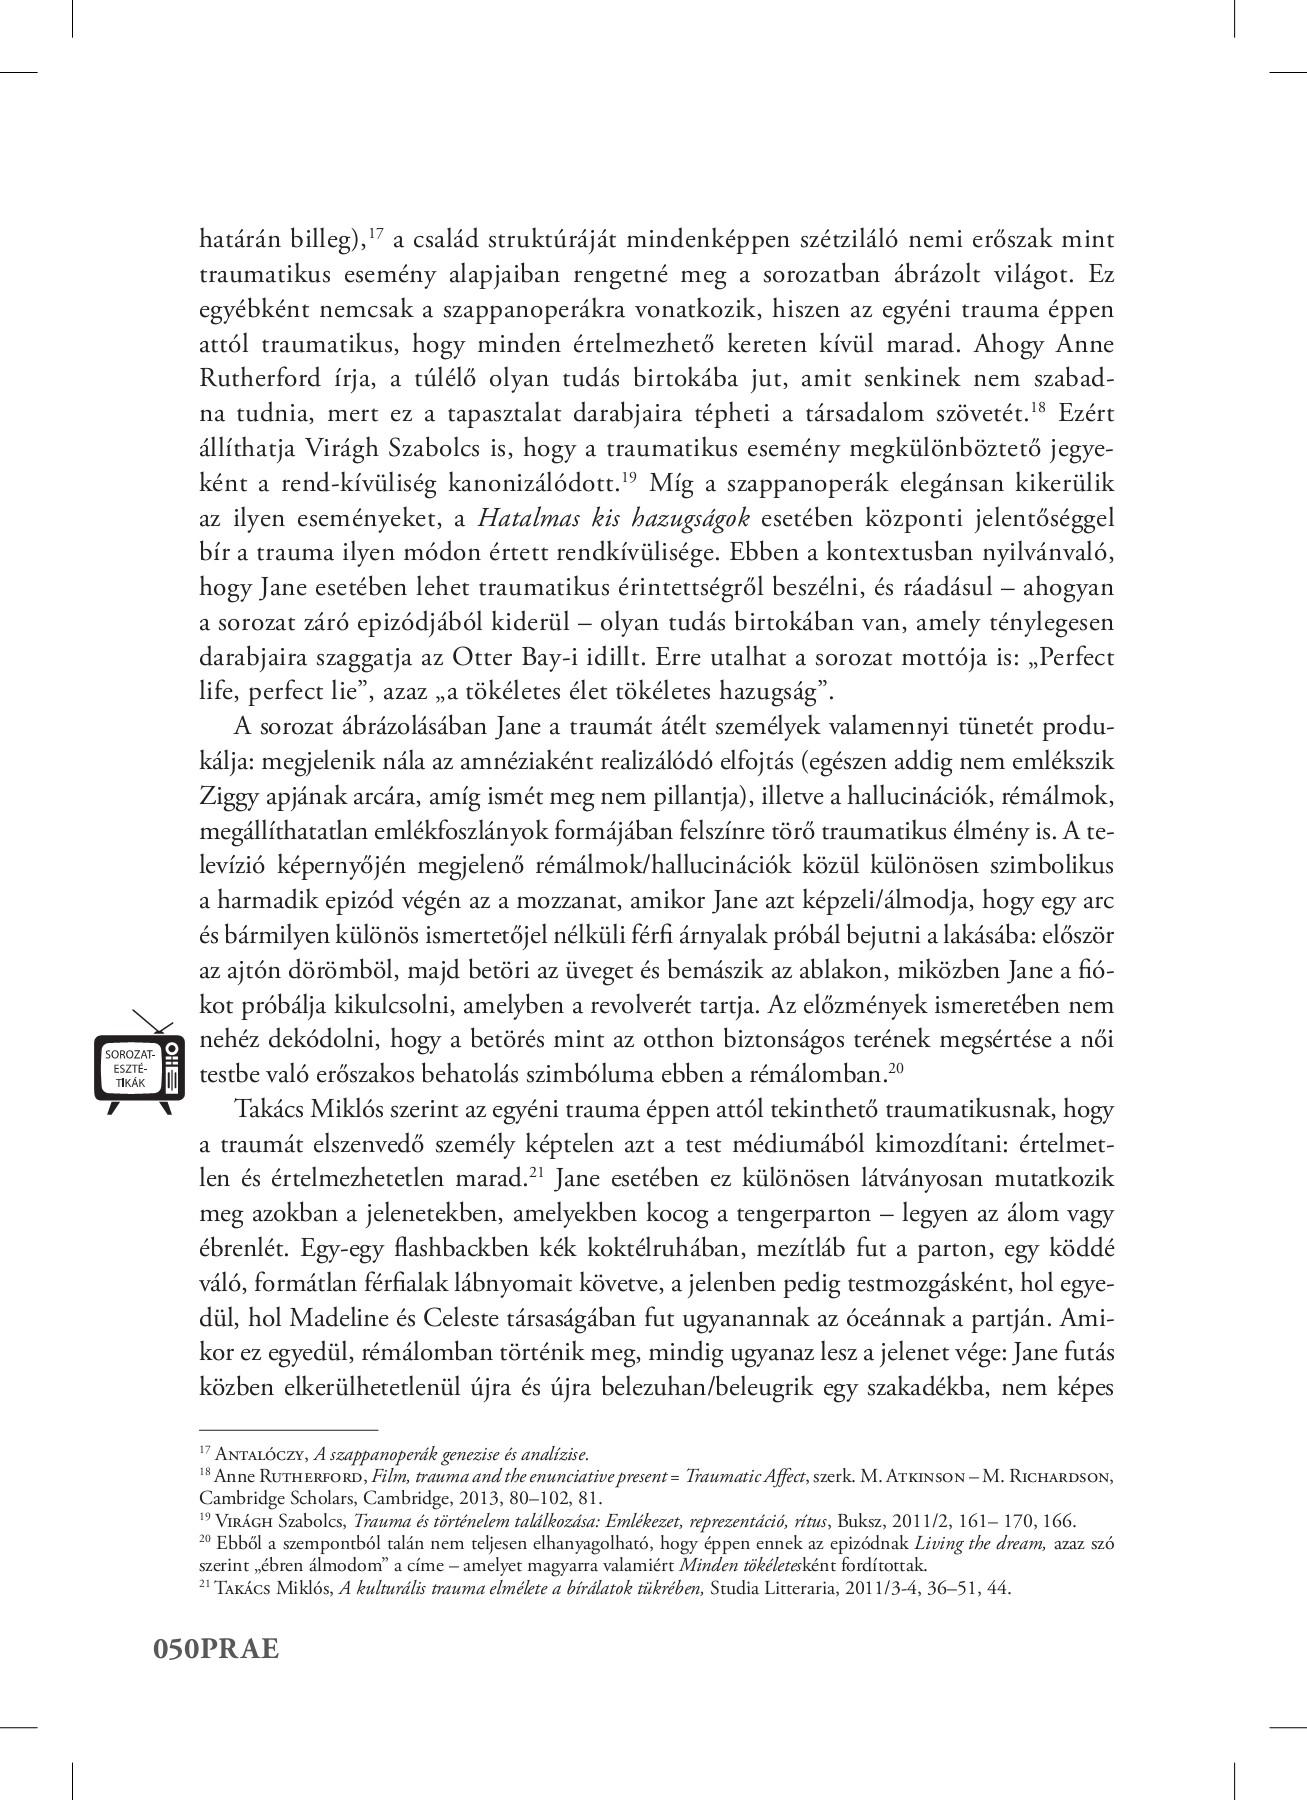 Degas-t a vakság fenyegetése sem tántorította el az alkotástól!